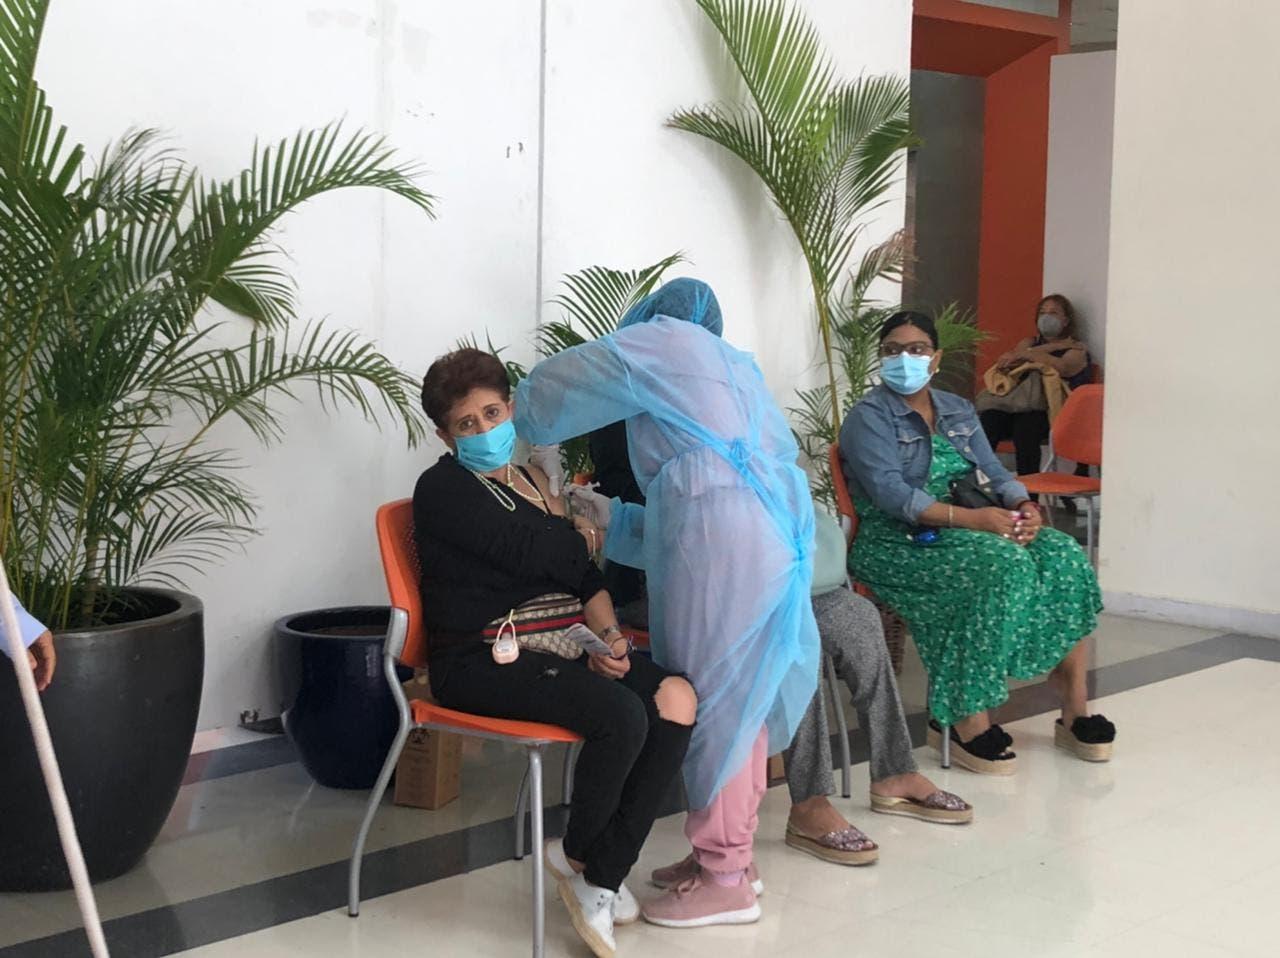 Centros de vacunación con escasa presencia